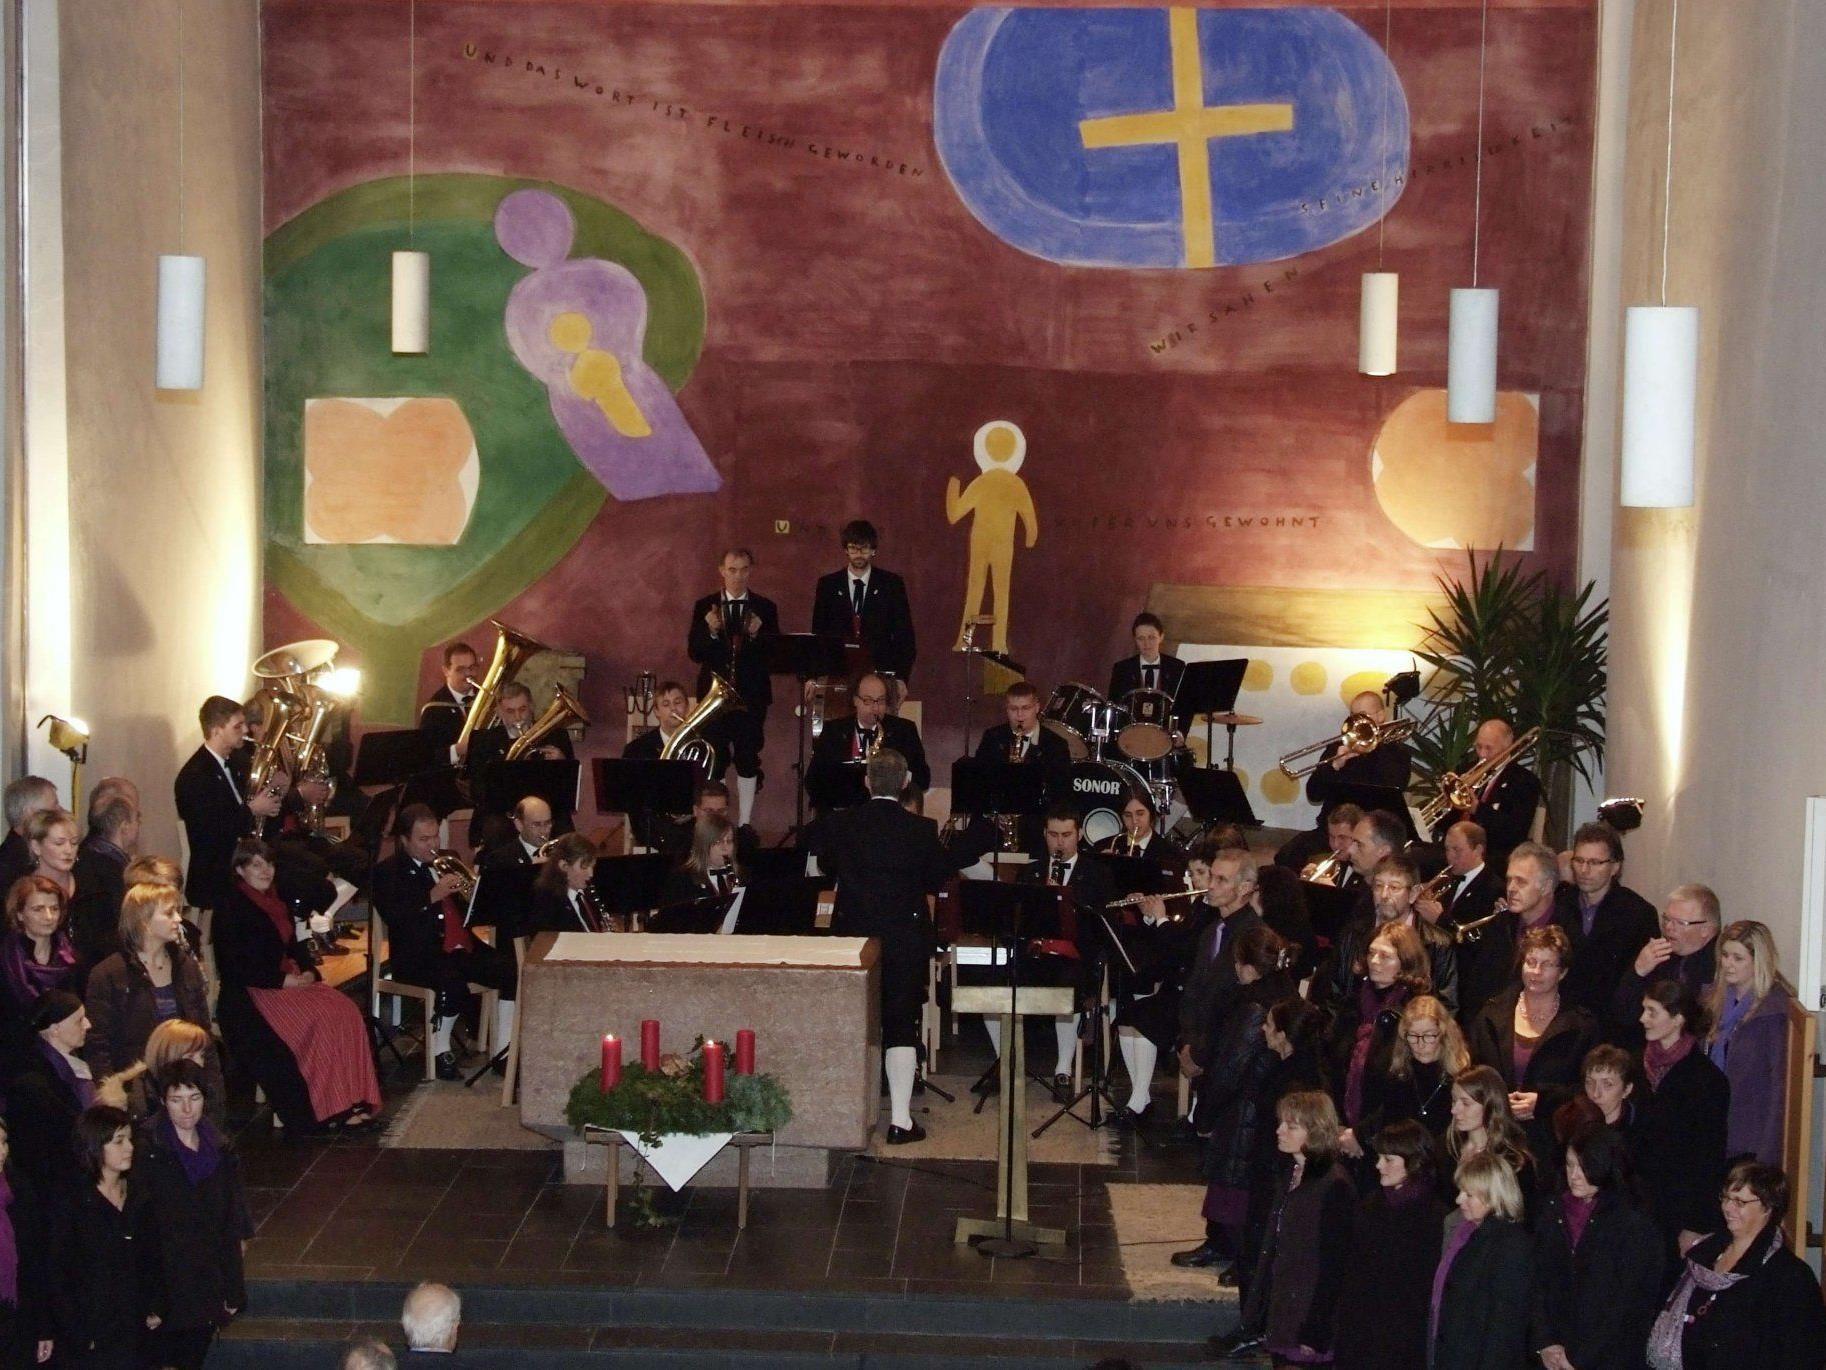 Adventstimmung in der Propsteikirche mit Chor, Blasmusik und Walser Mundart.